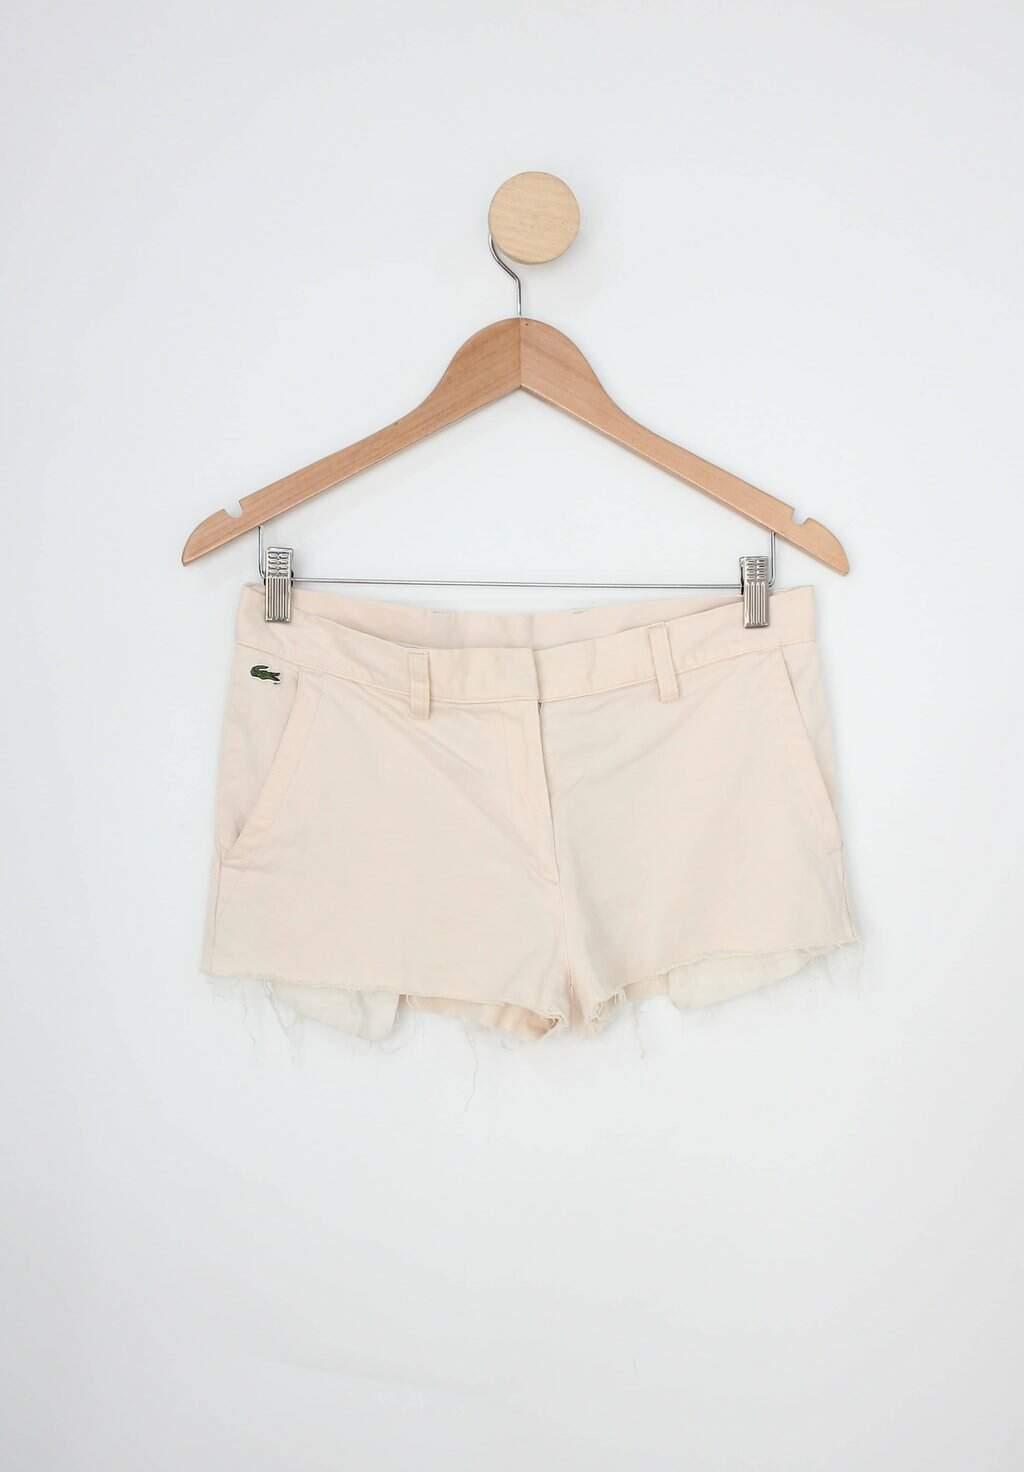 Shorts Lacoste Feminino Bege